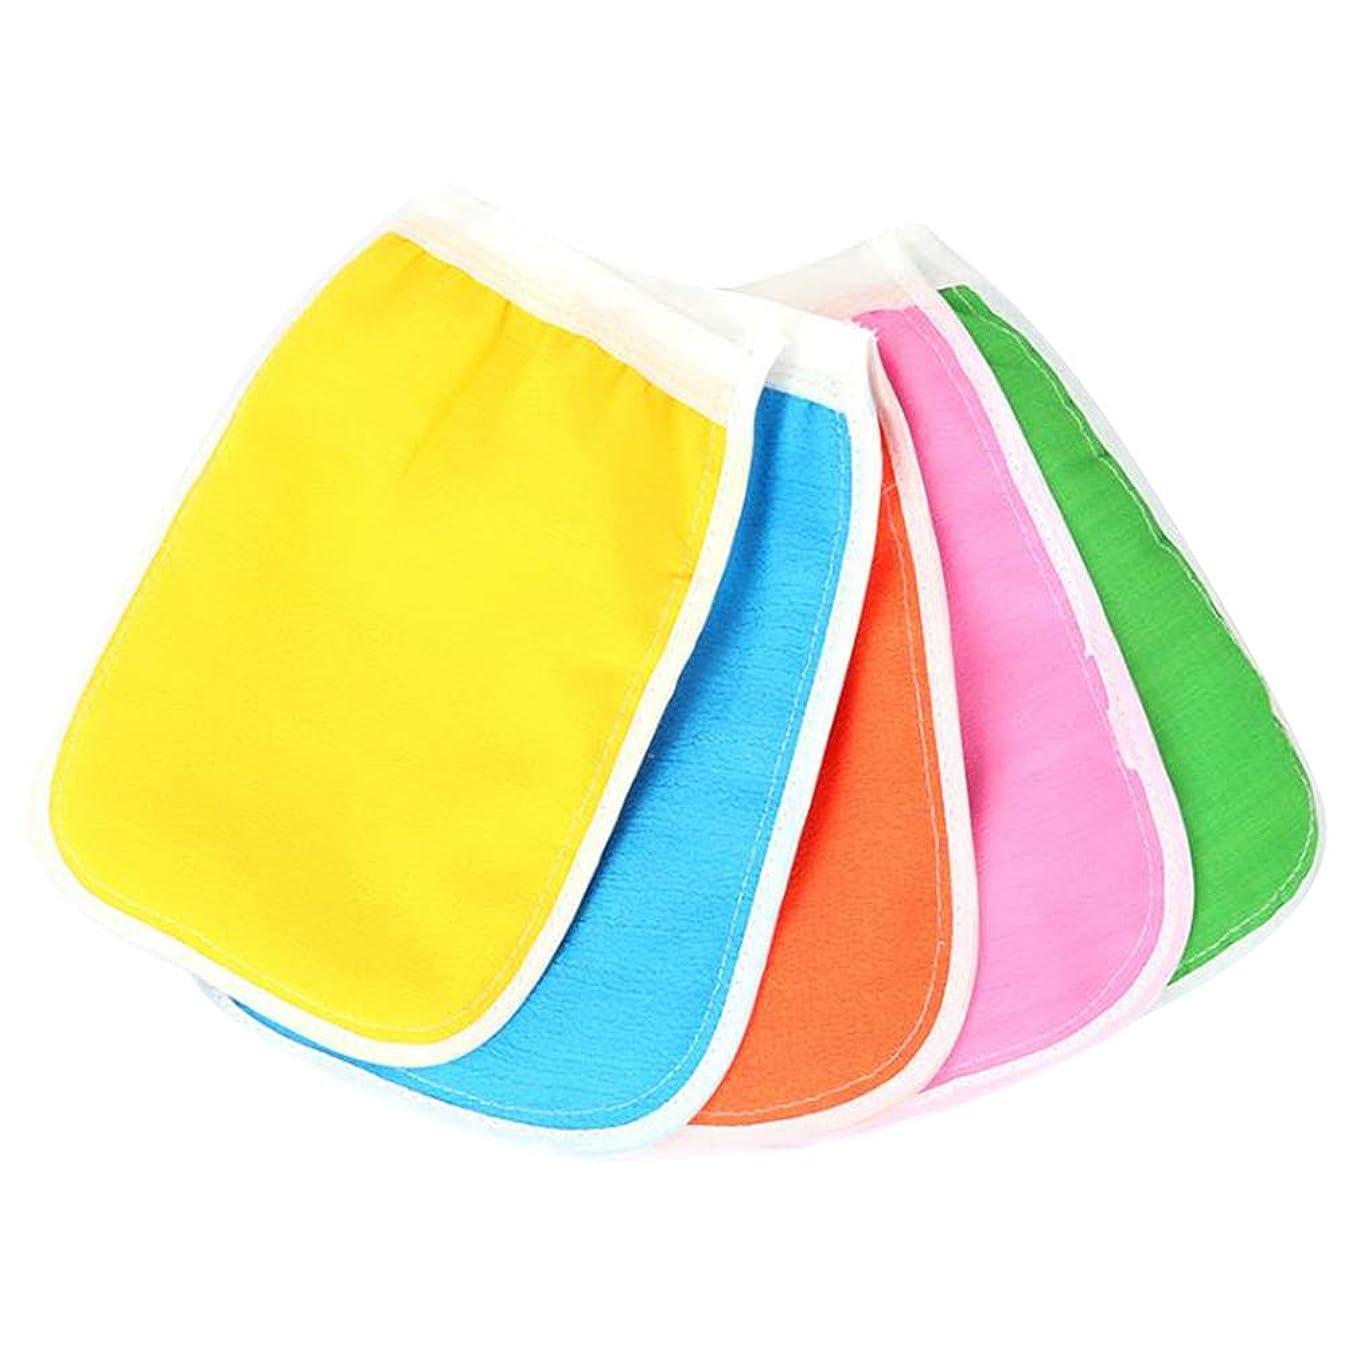 変動する専門化する商品HEALIFTY ボディスクラブミトン手袋入浴シャワースパ用クレンジングツール(混色)のための5本の剥離手袋